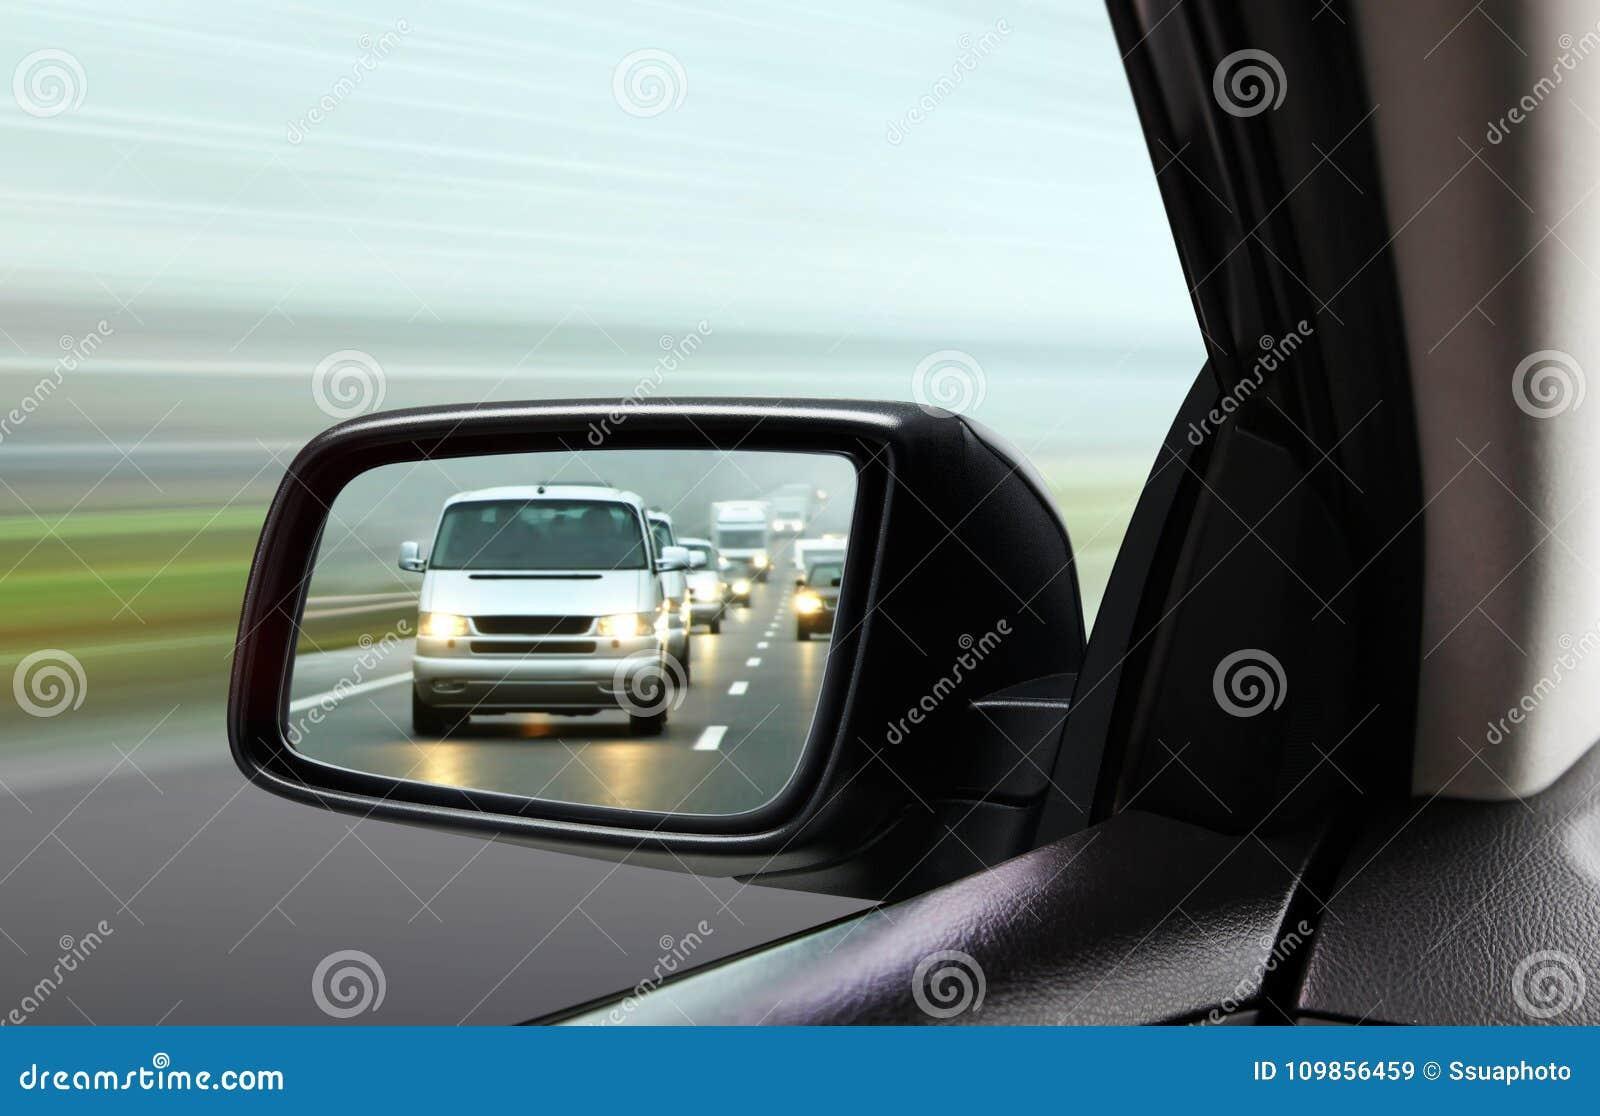 Отражение транспортного потока